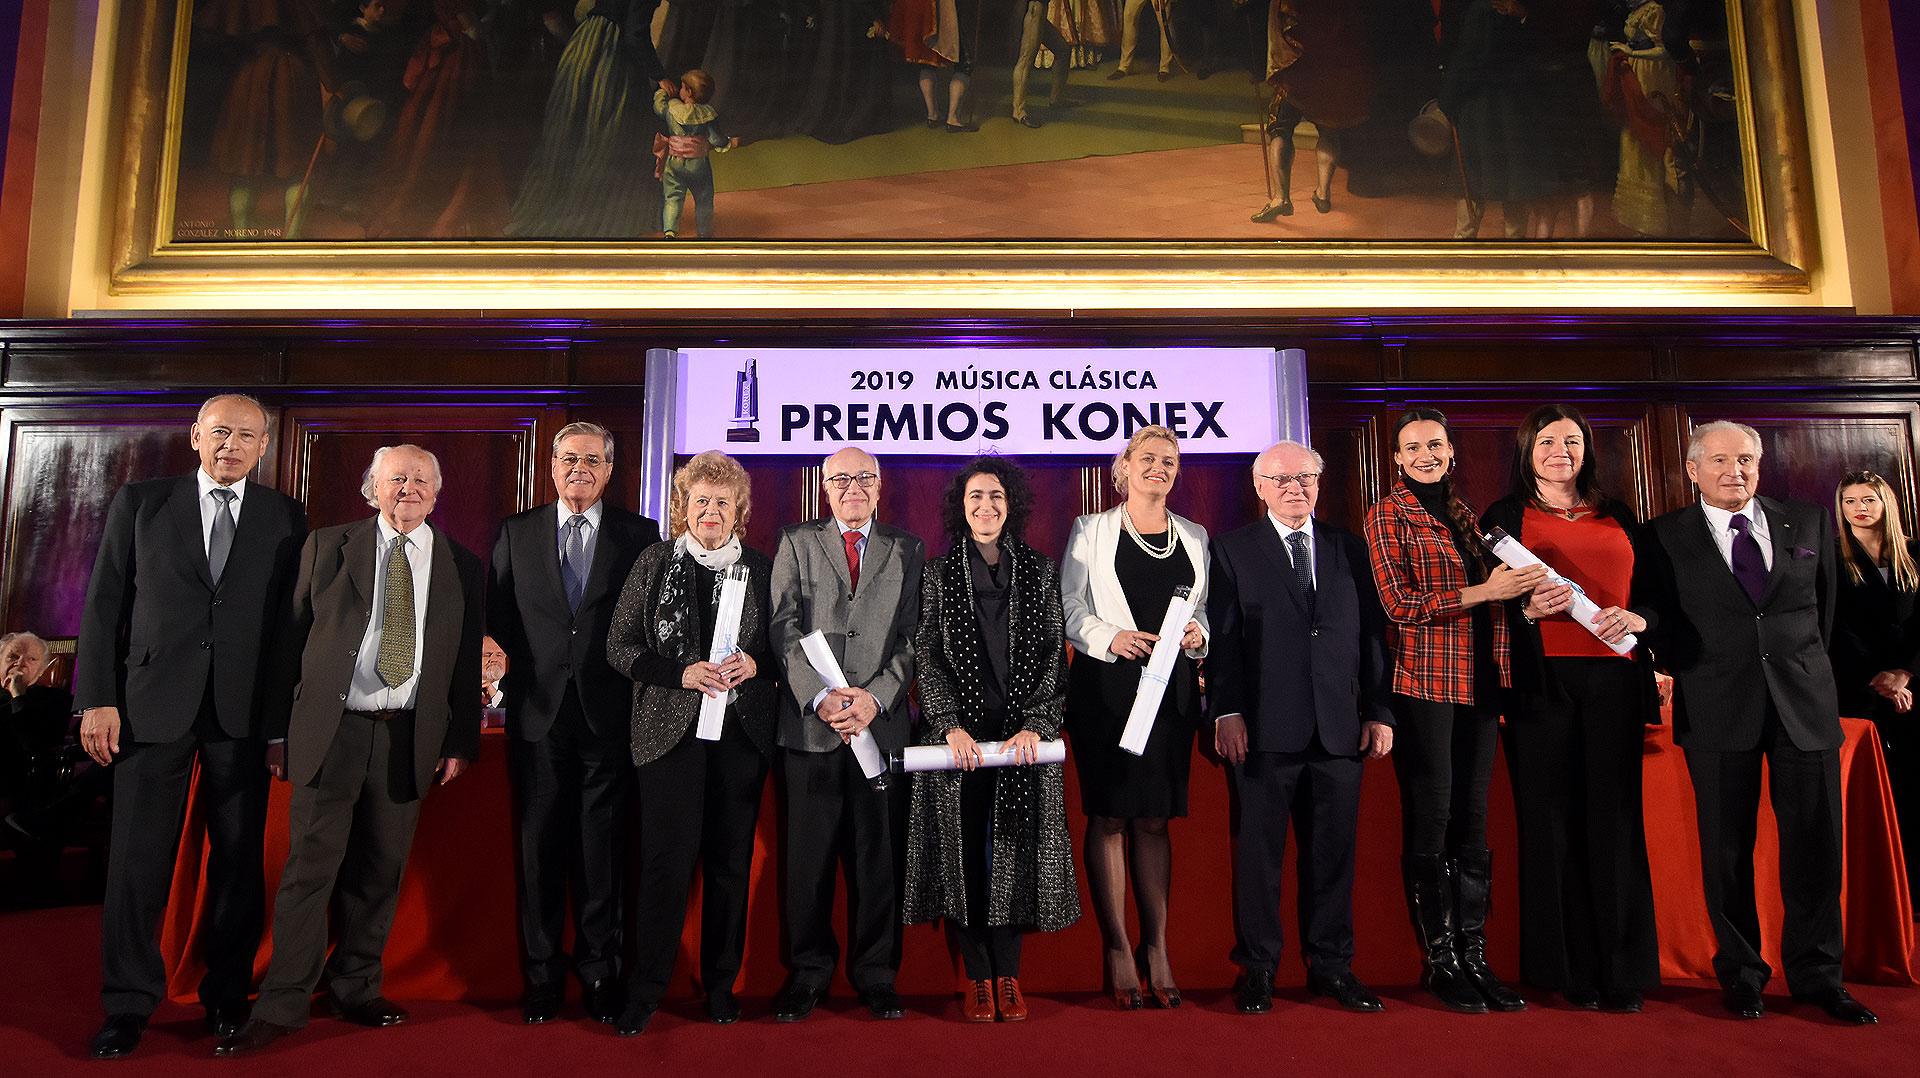 En la disciplina entidades musicales, los representantes de la Asociación Mariano Moreno de Paraná, Buenos Aires Lírica, Juventus Lyrica y Mozarteum Argentino